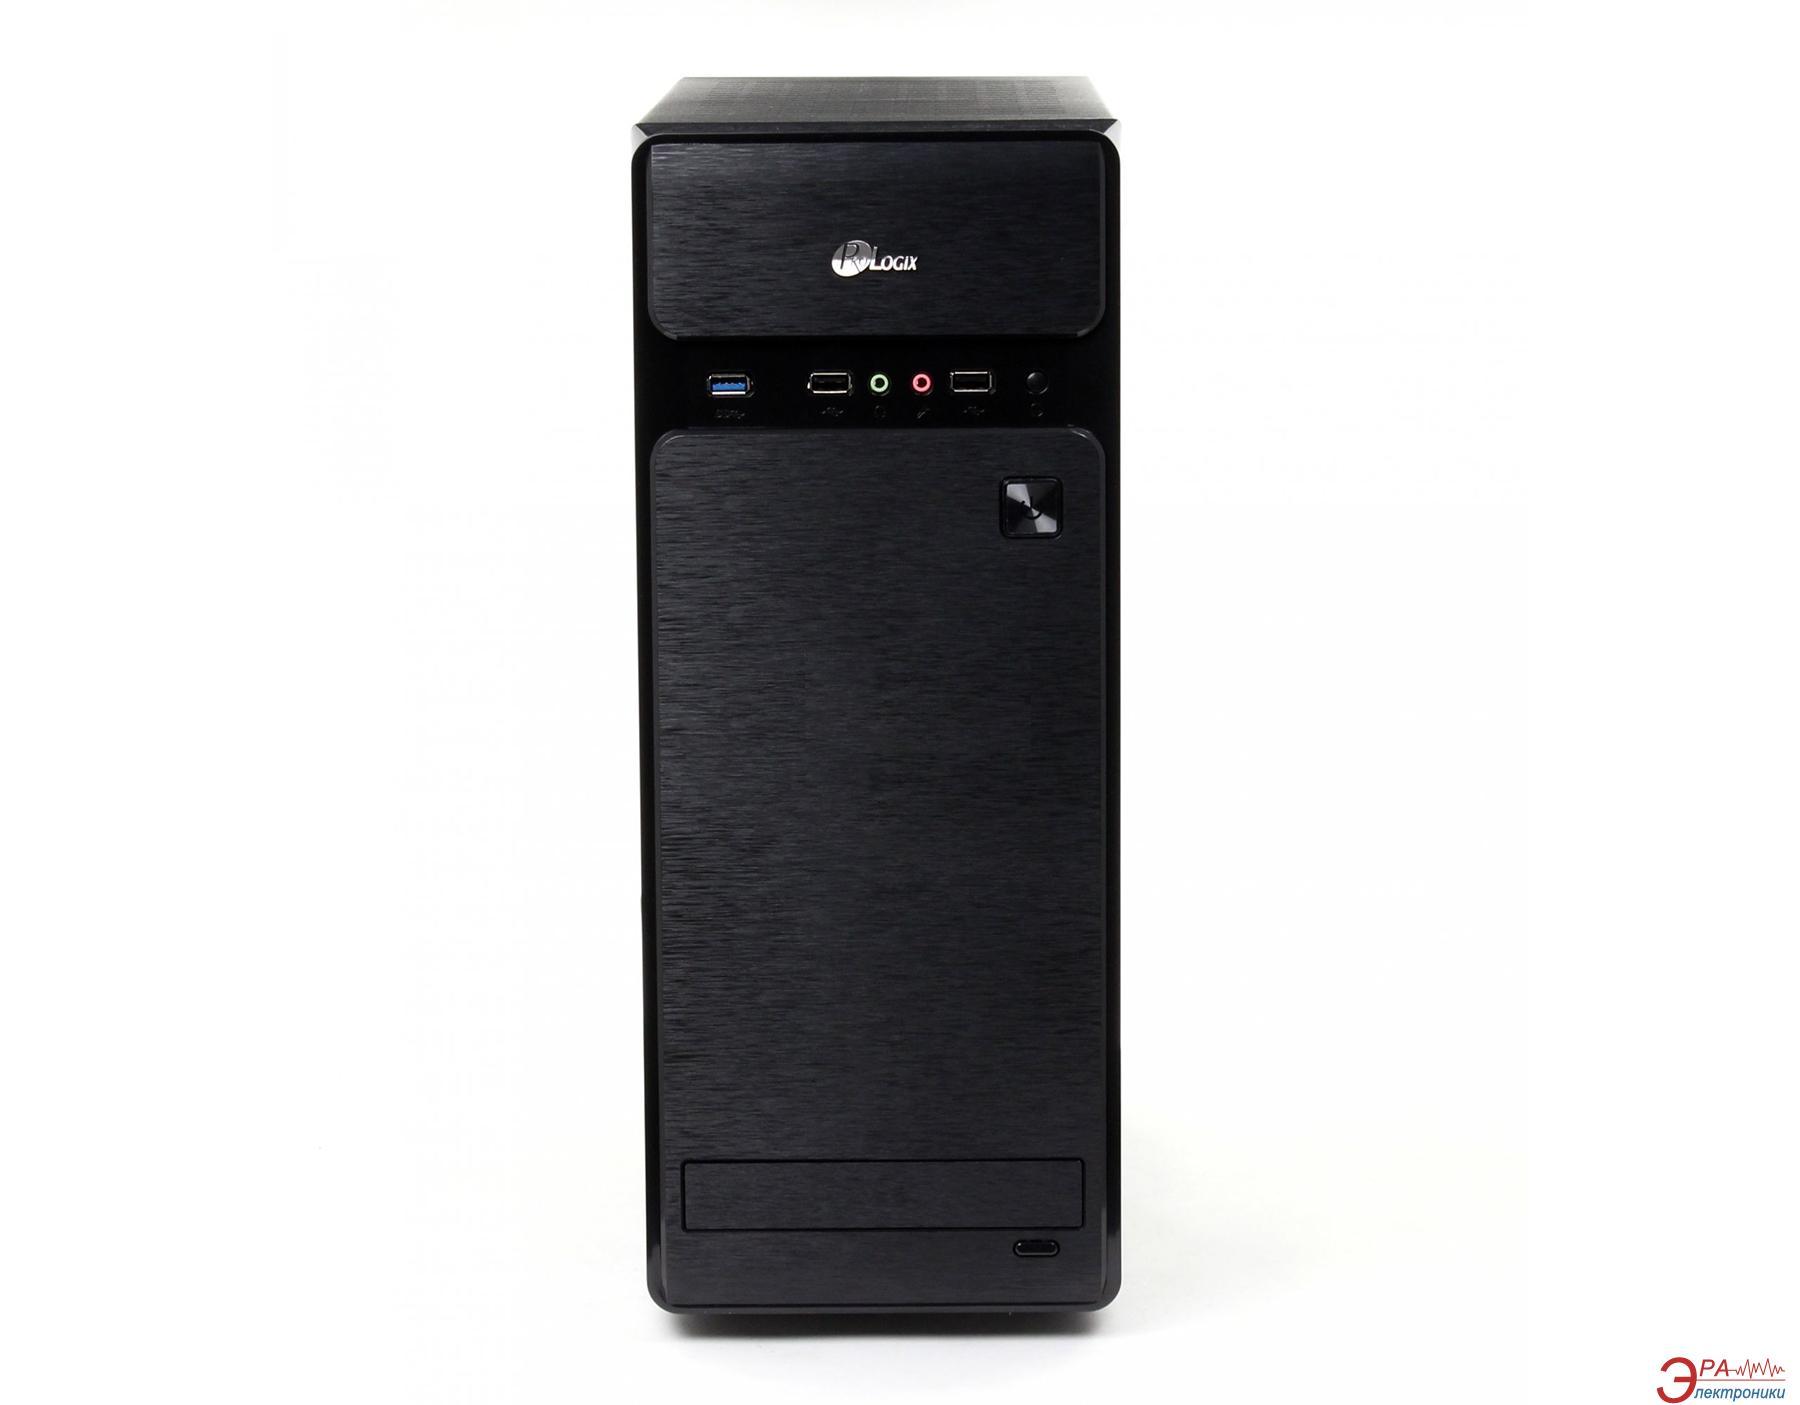 Корпус PrologiX B10/1022 Black USB 3.0 Без БП